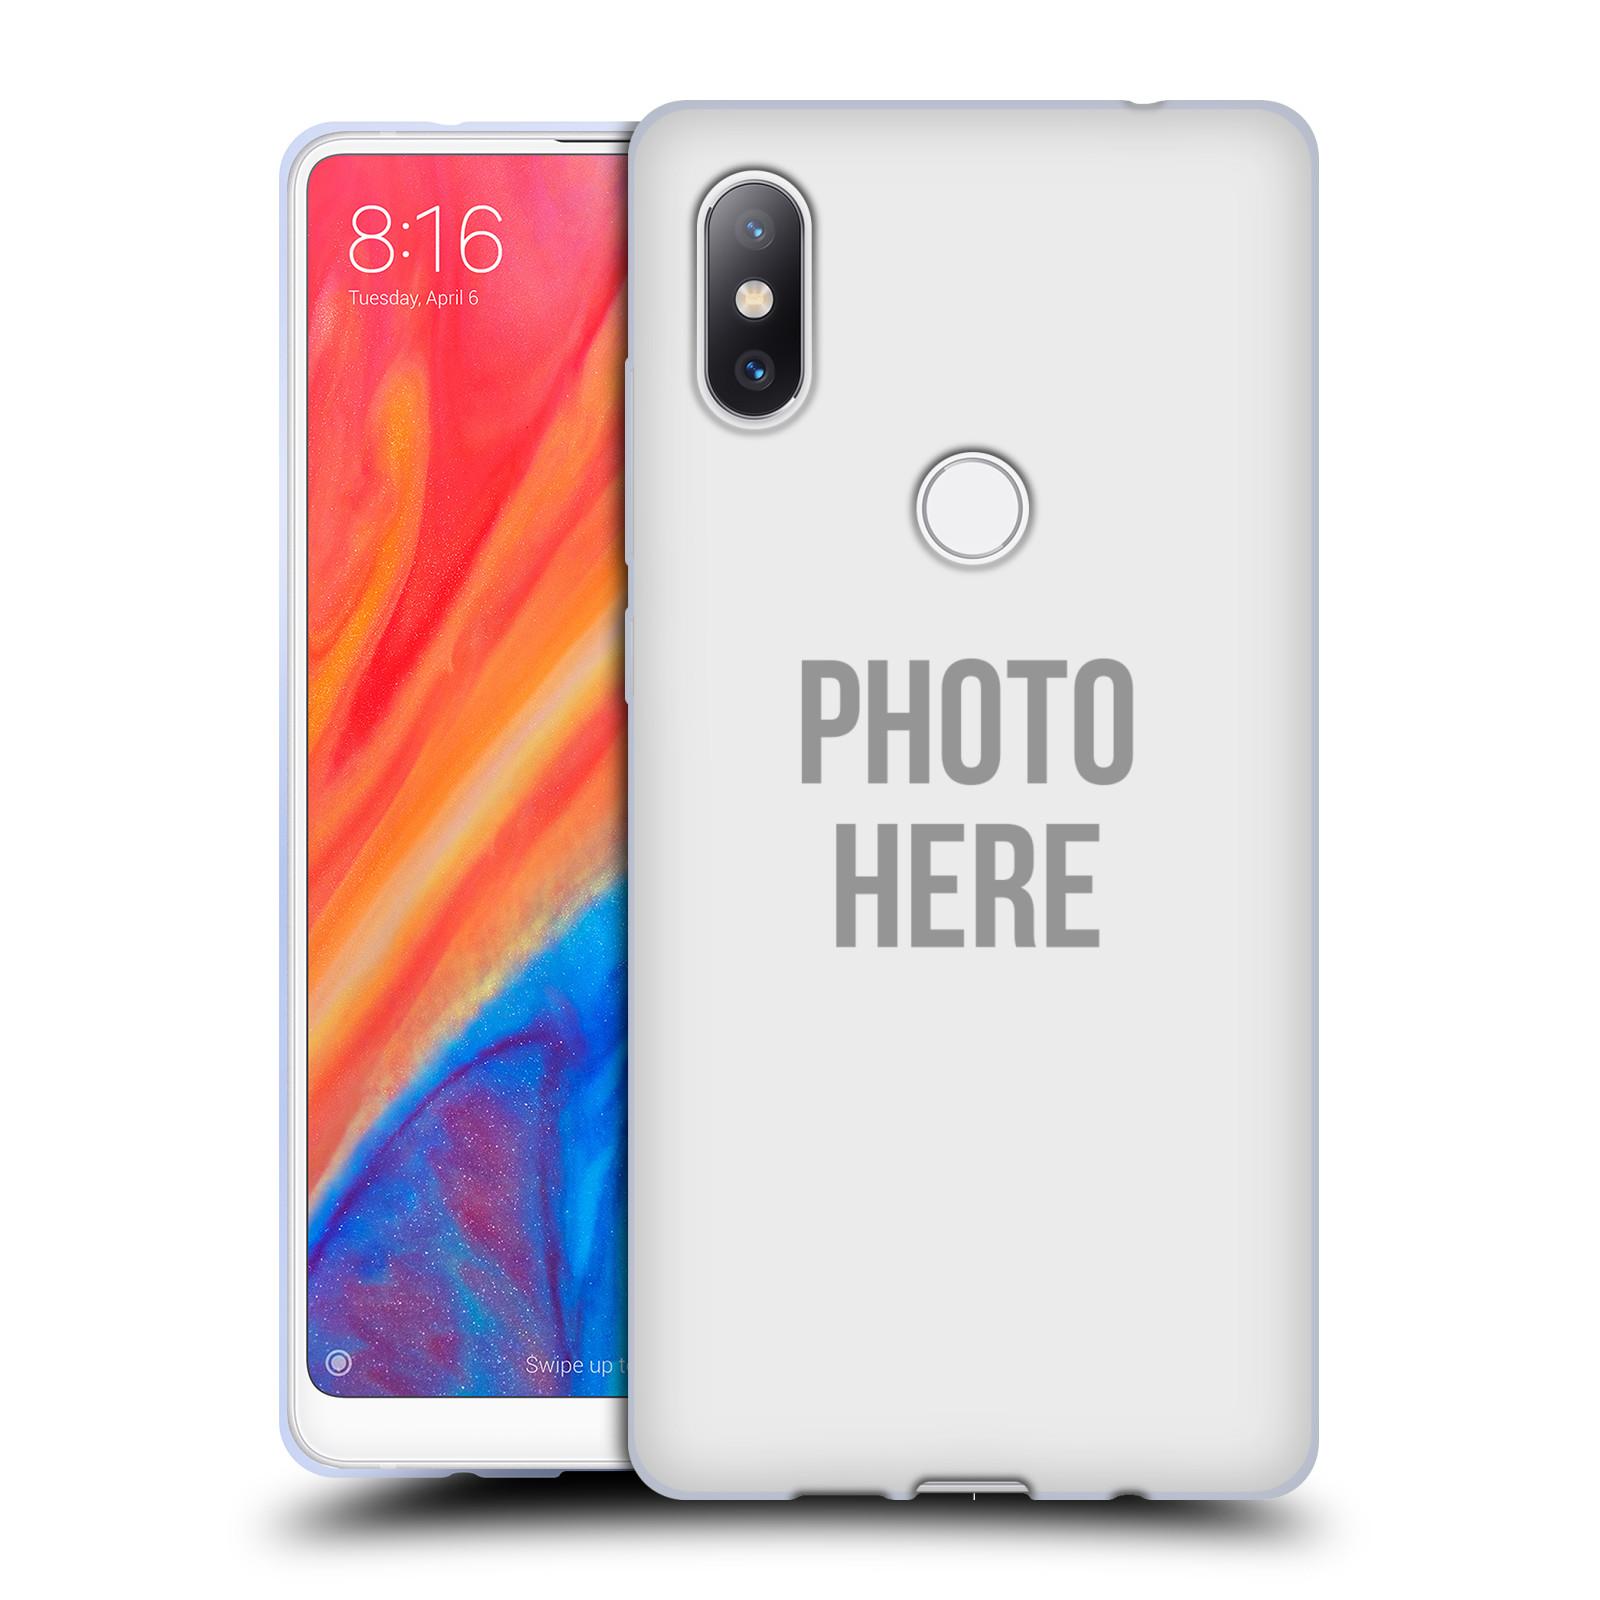 Silikonové pouzdro na mobil Xiaomi Mi Mix 2S - Head Case - s vlastním motivem